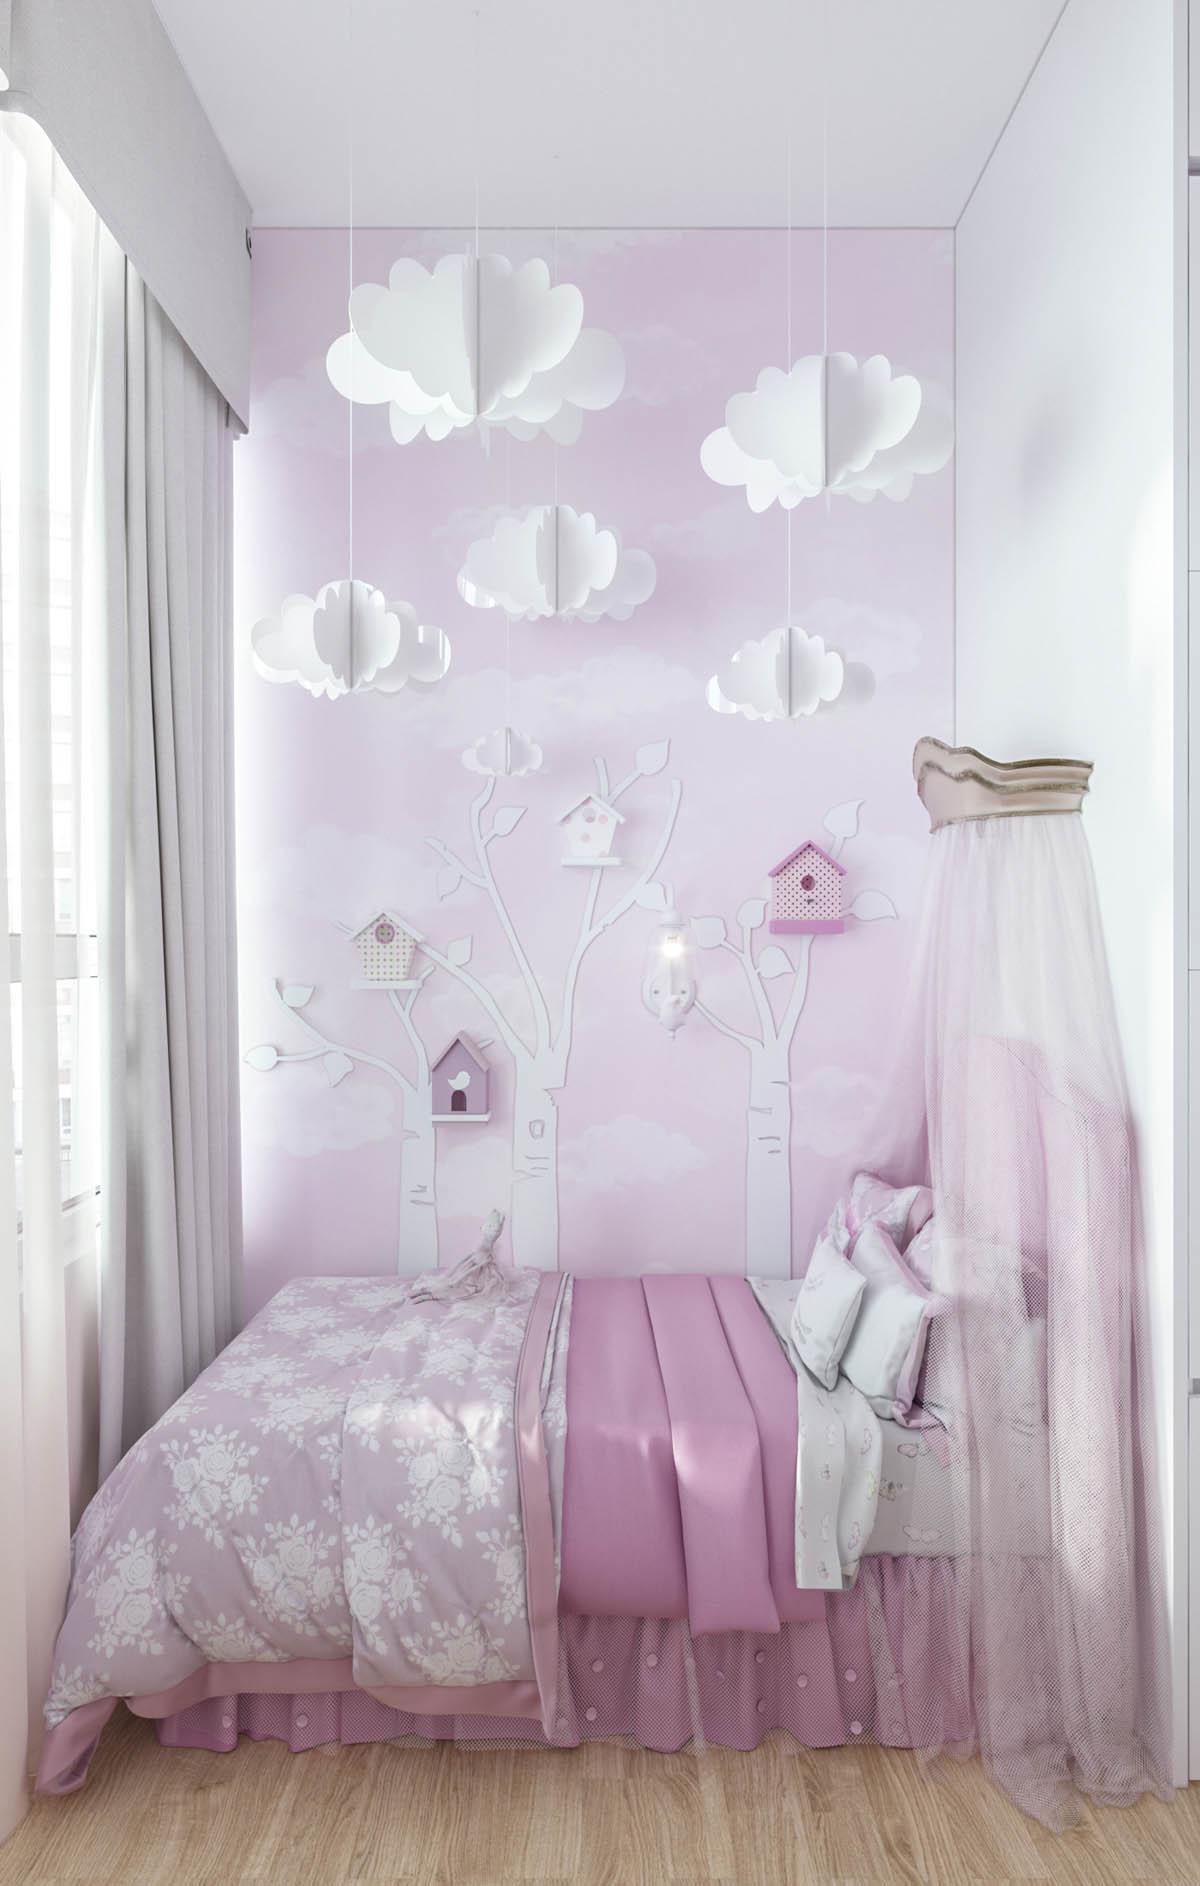 Hình ảnh cận cảnh giường ngủ với ga gối màu hồng, phụ kiện màu trắng như đám mây, hình cây dán tường, rèm cửa, màn